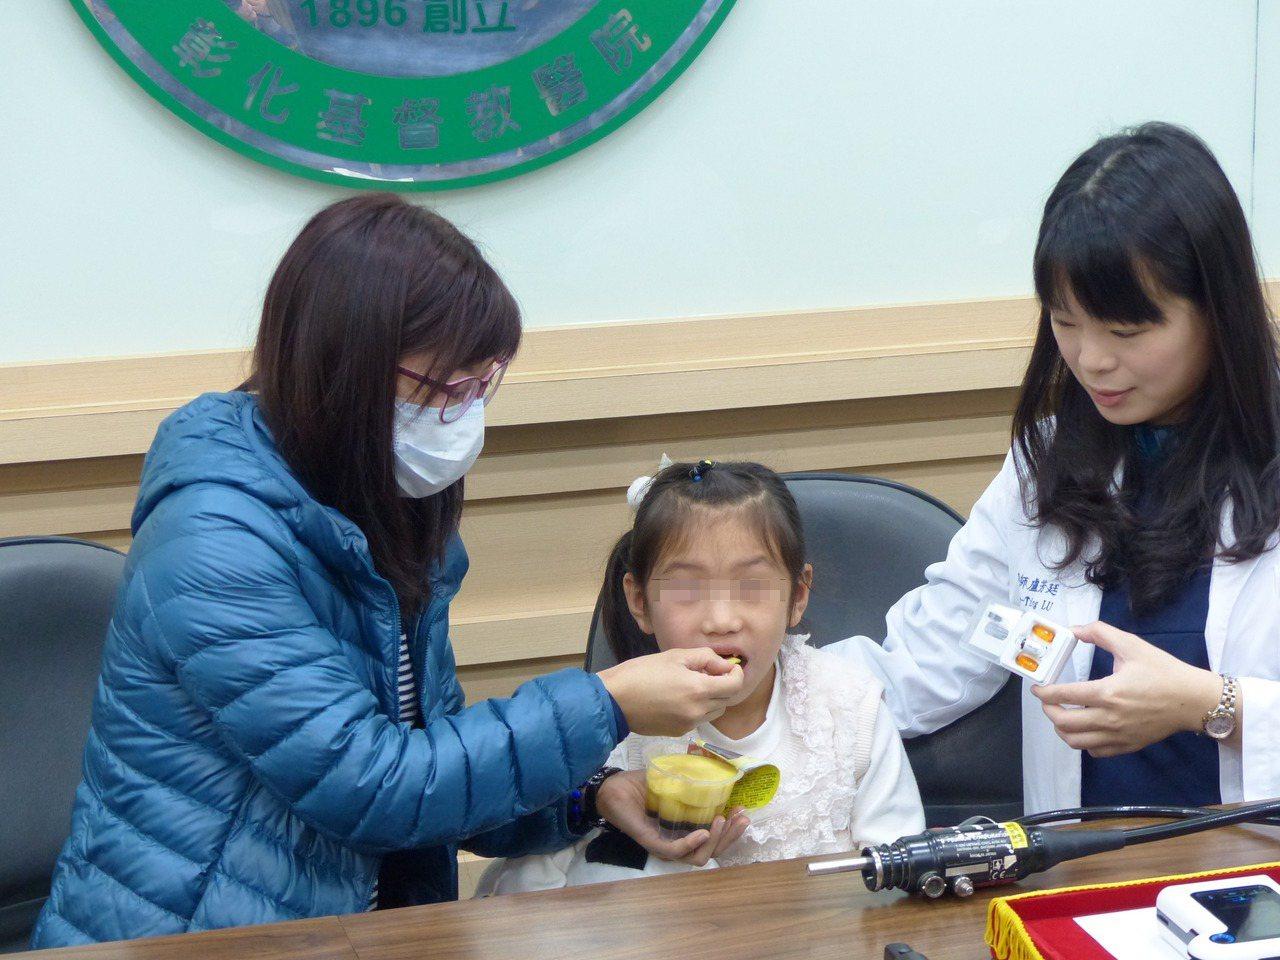 陳小妹妹罹患克隆氏症,不能吃甜食,直到病情獲控制以後,今天由媽媽餵食布丁,吃得津...